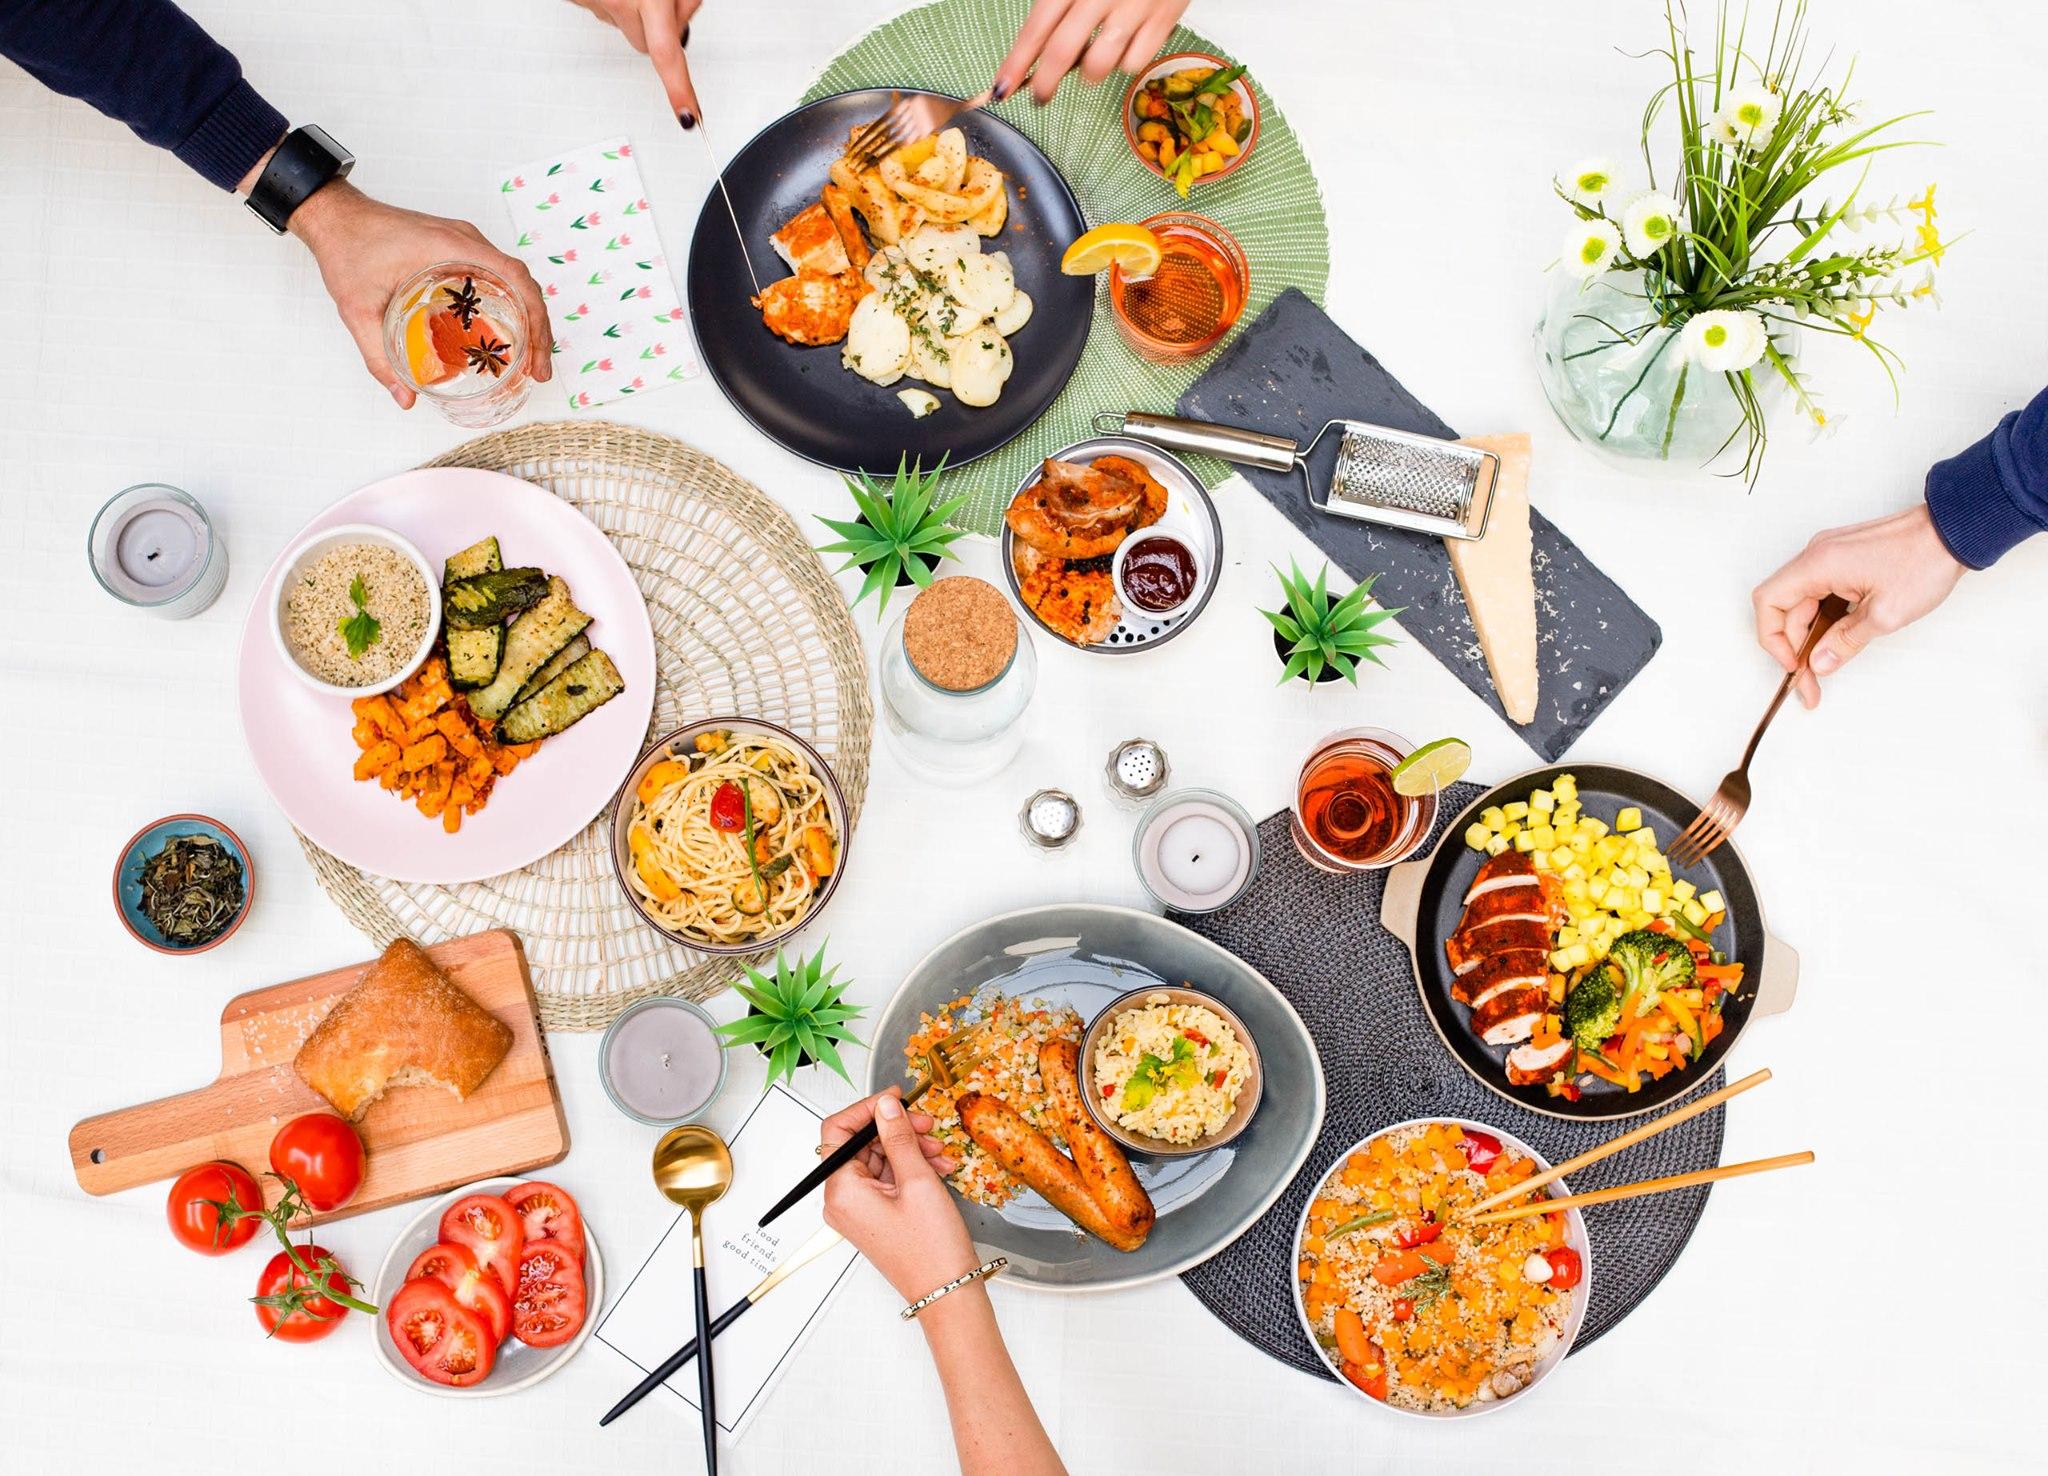 Makkelijk gezond eten wordt een feestje met Mealhero